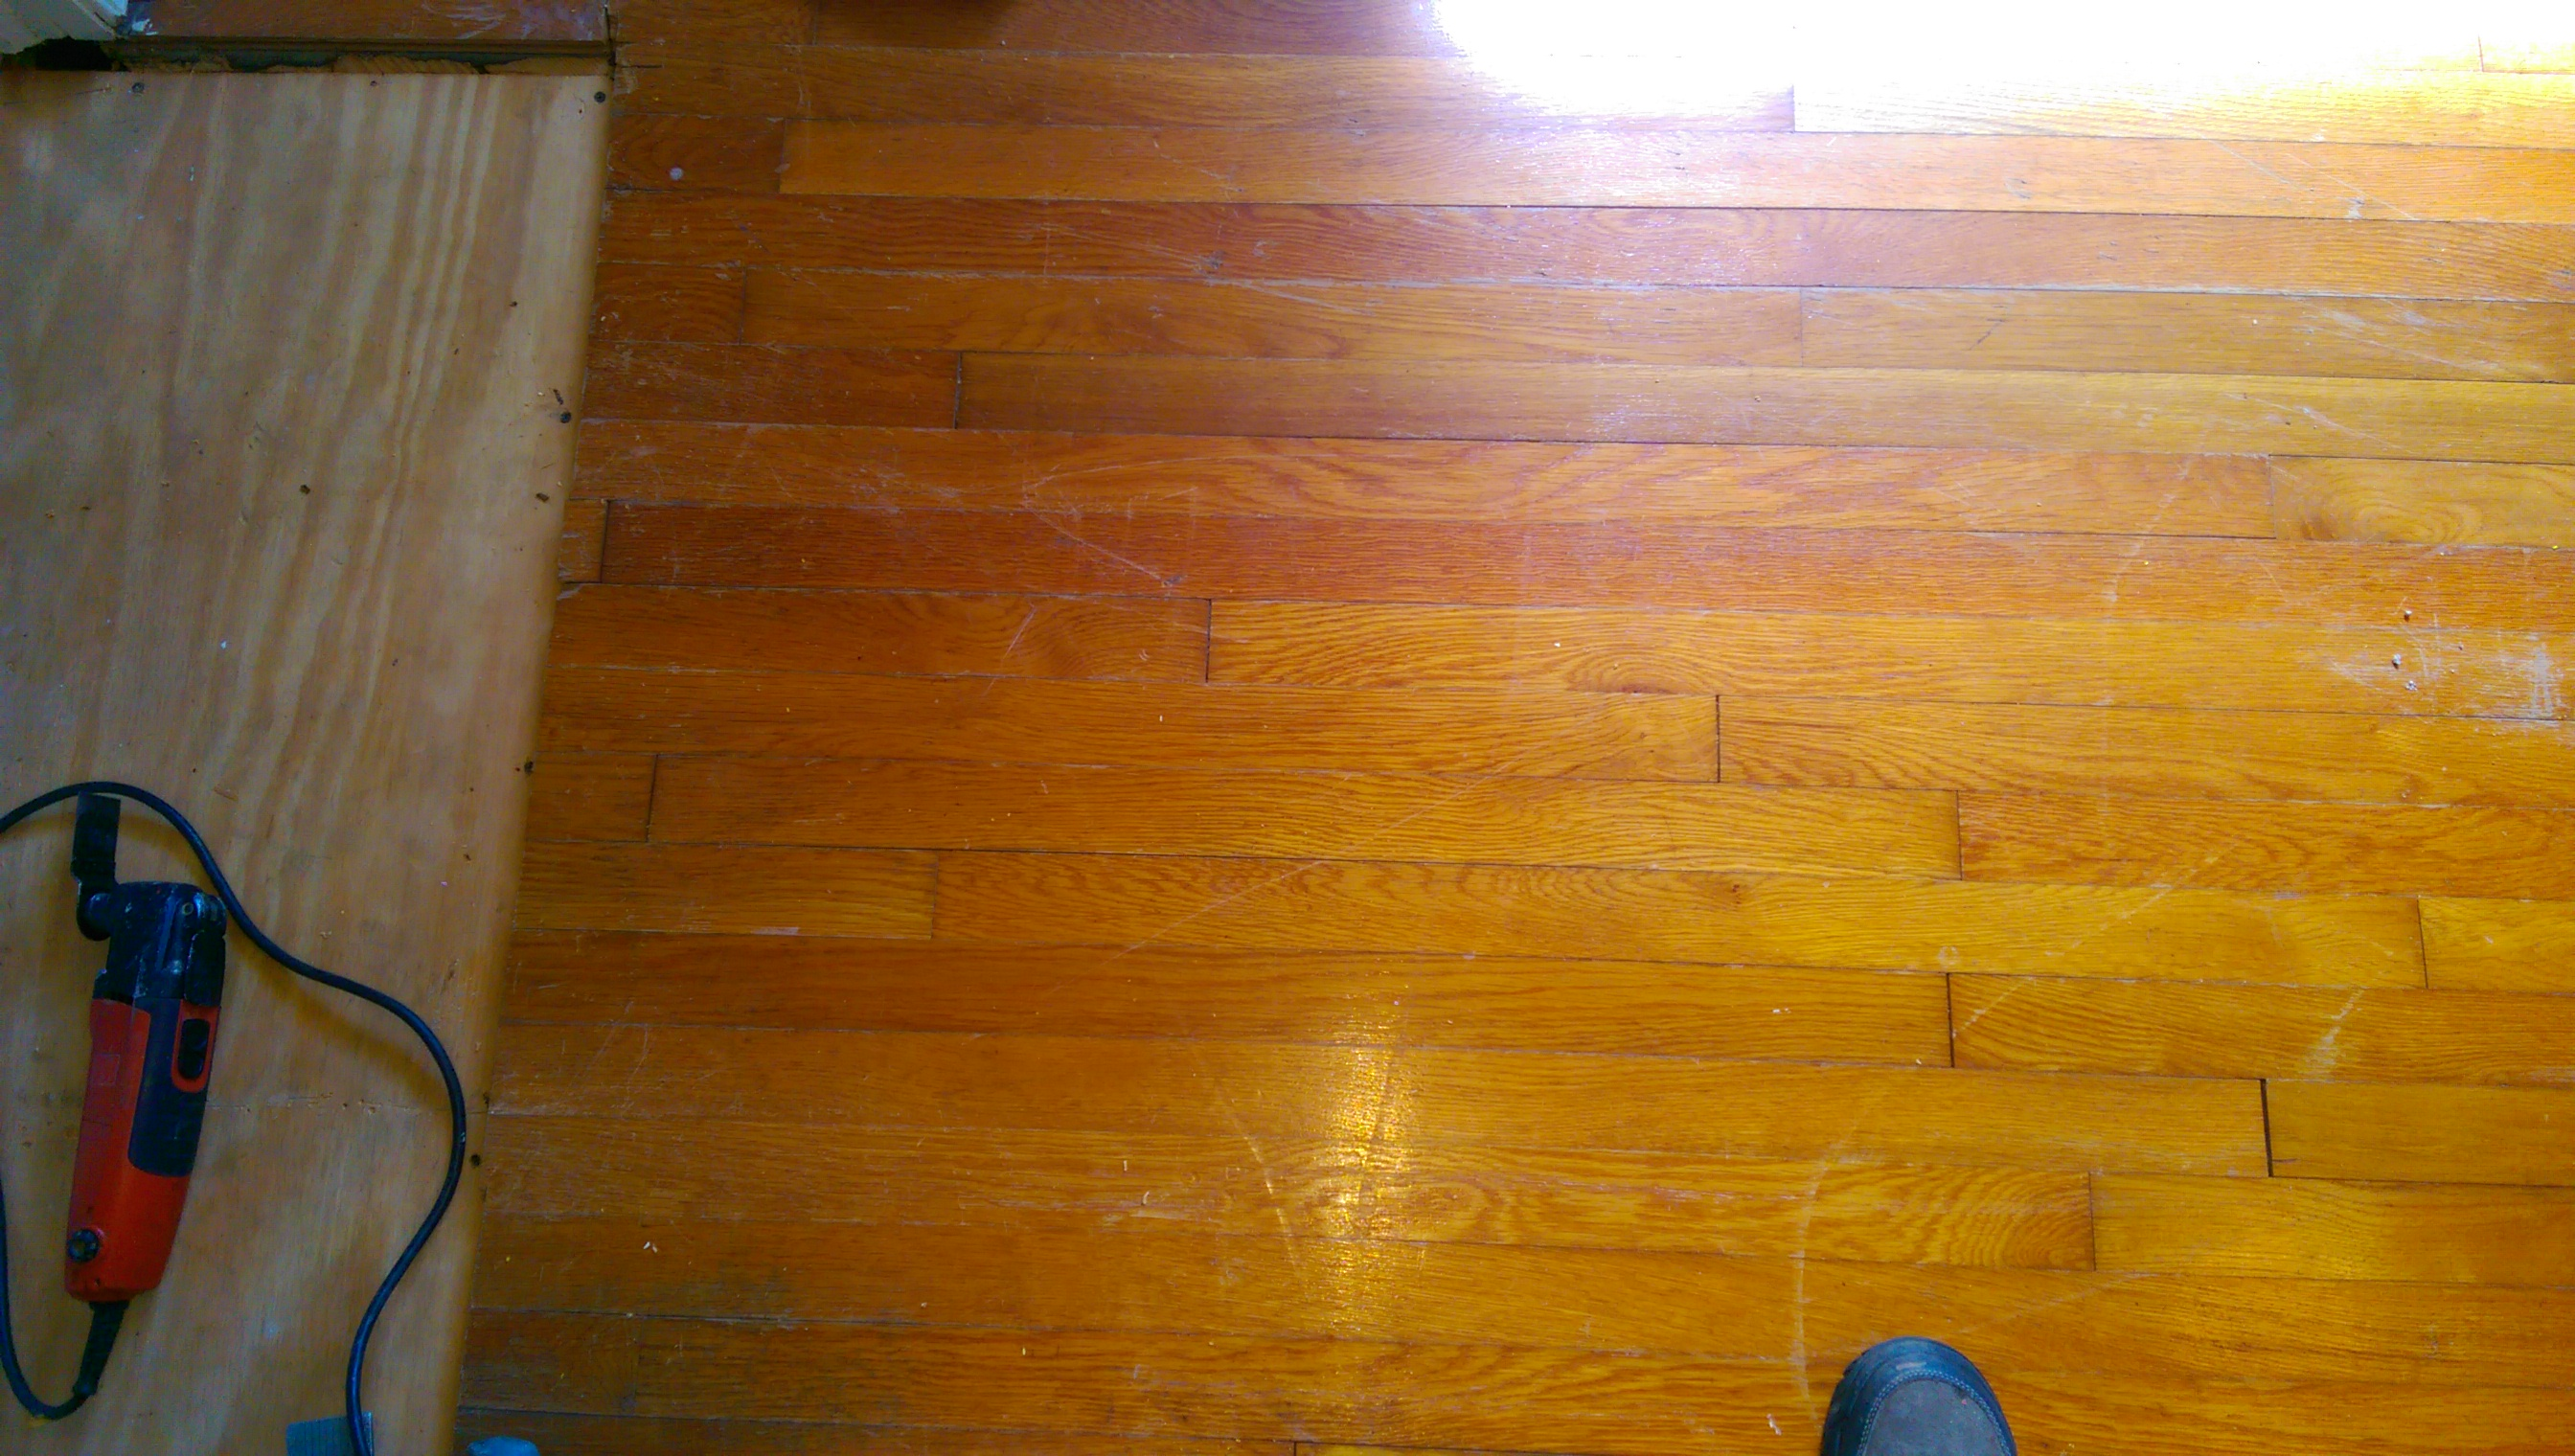 Toothing In Hardwood Floor Repair